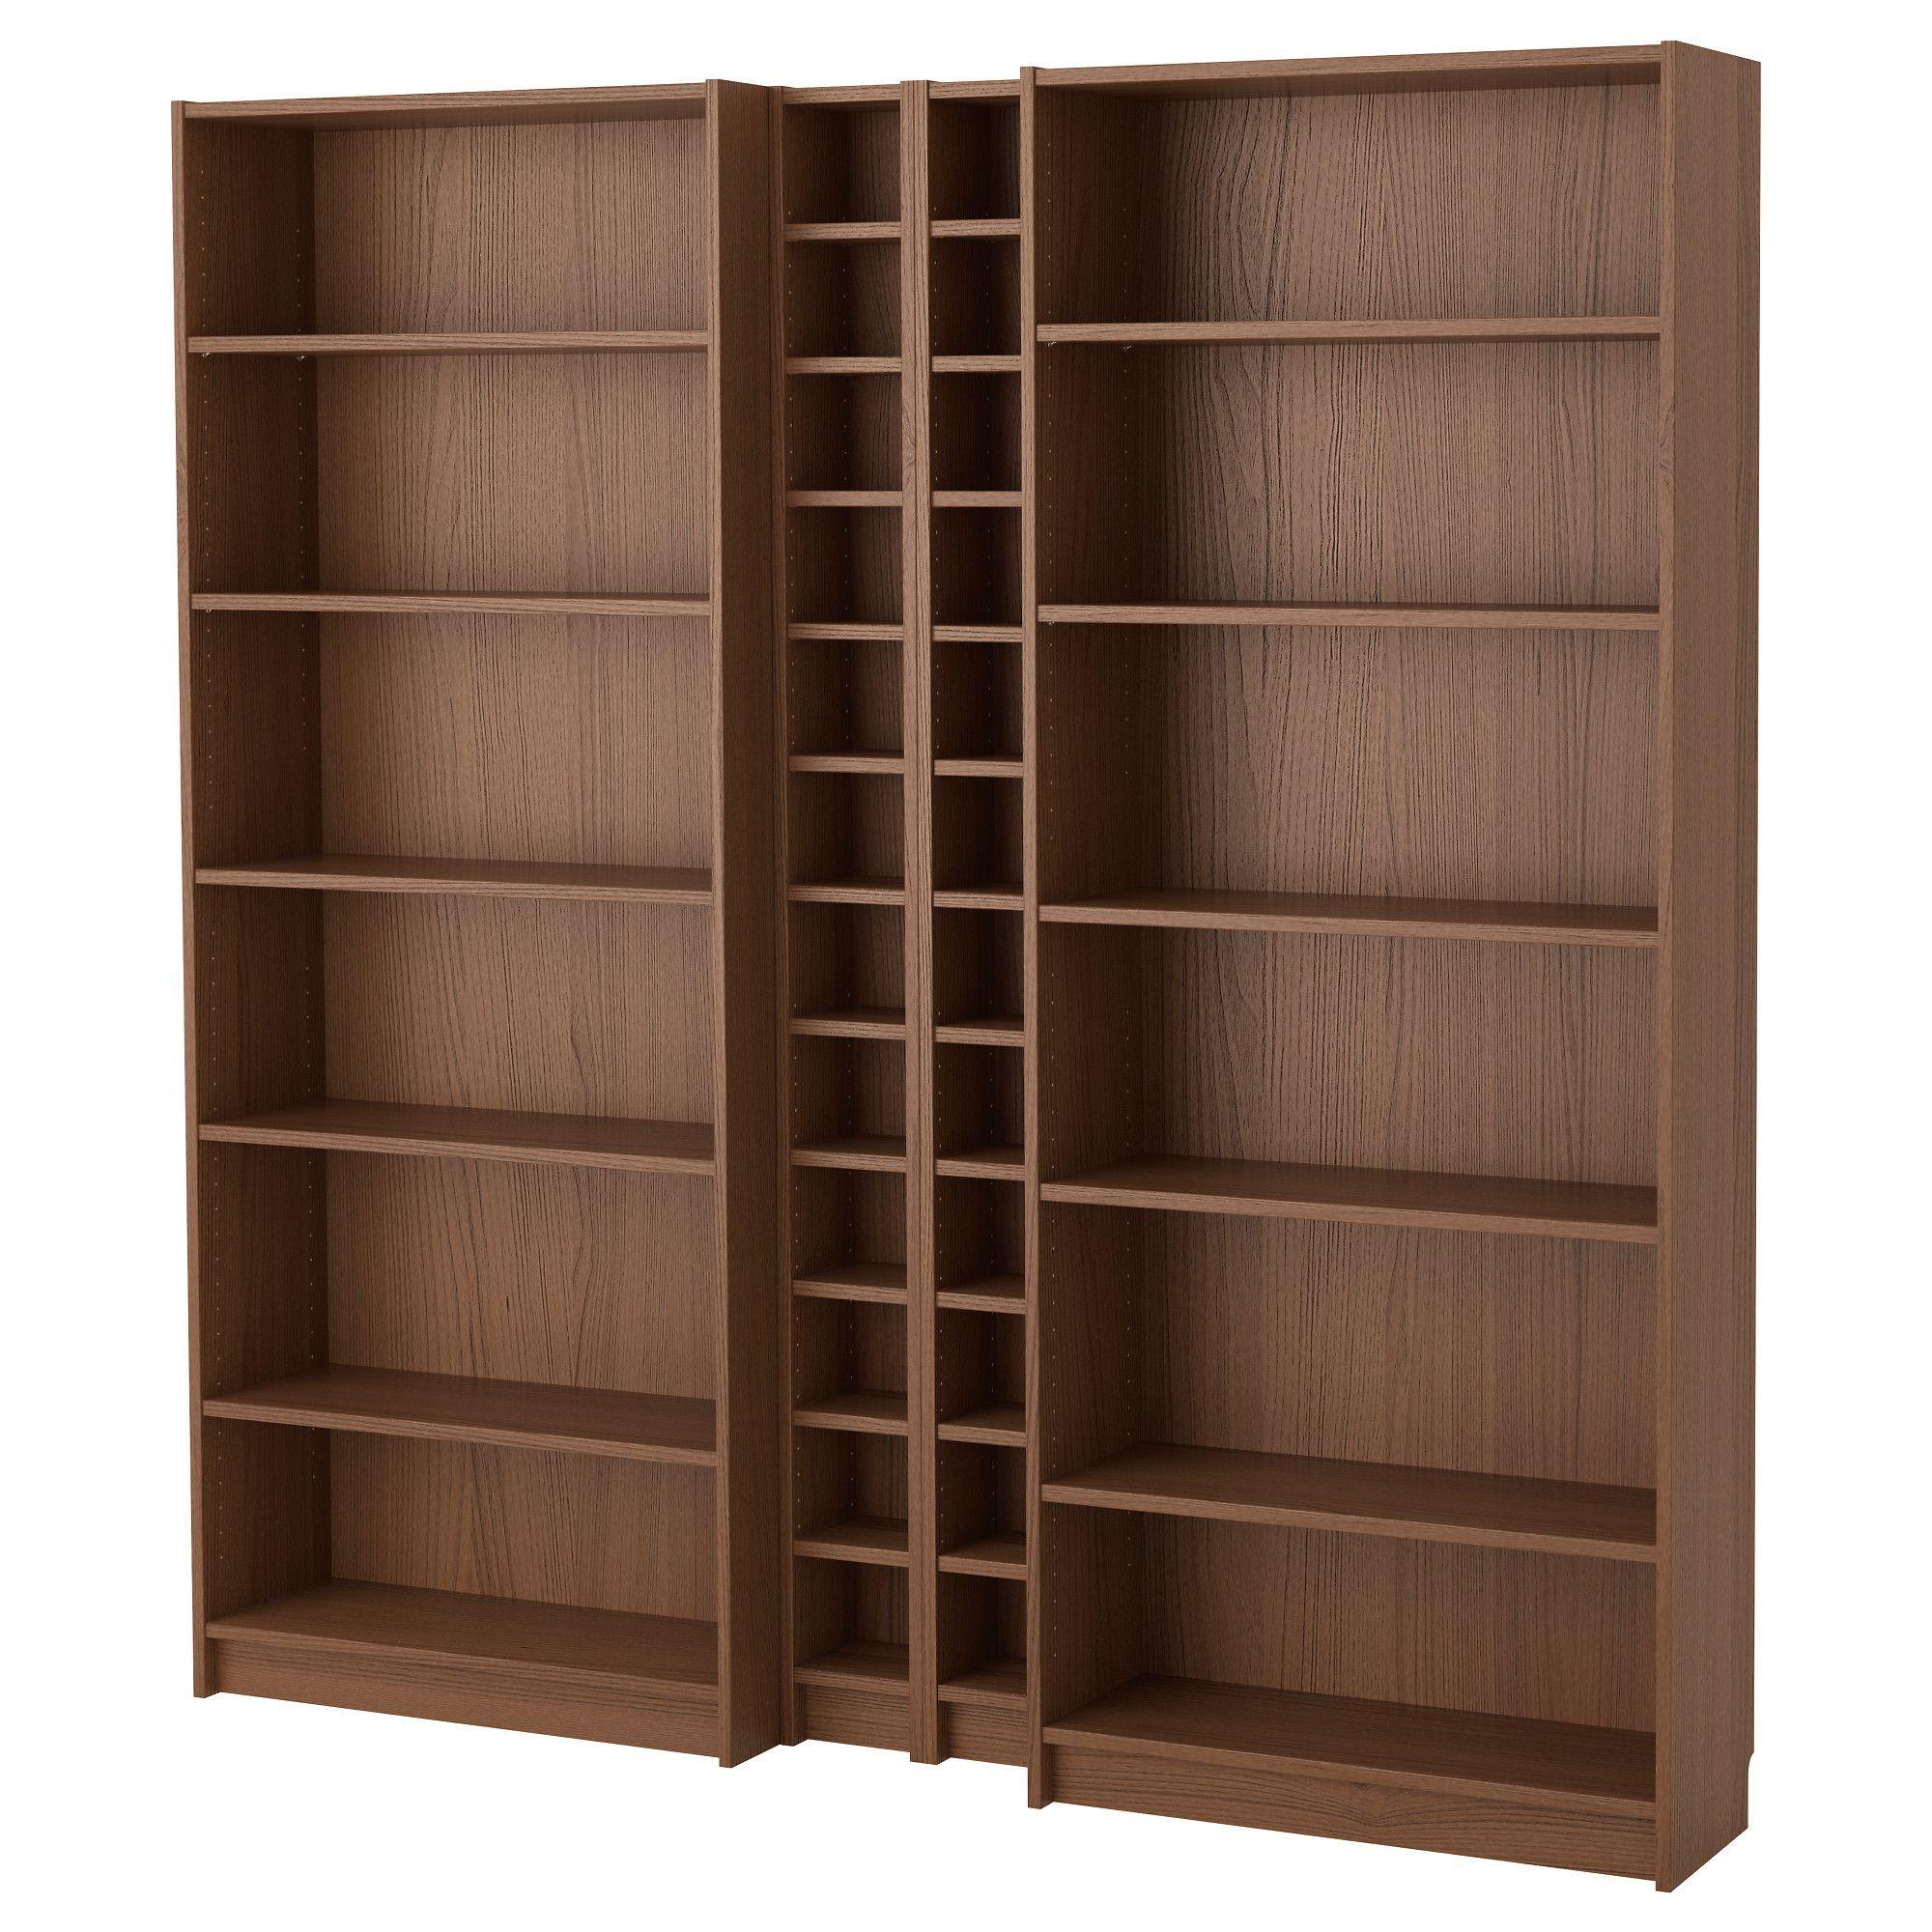 Bücherregal ikea braun  BILLY / GNEDBY, Bücherregal, braun Eschenfurnier, braun Jetzt ...